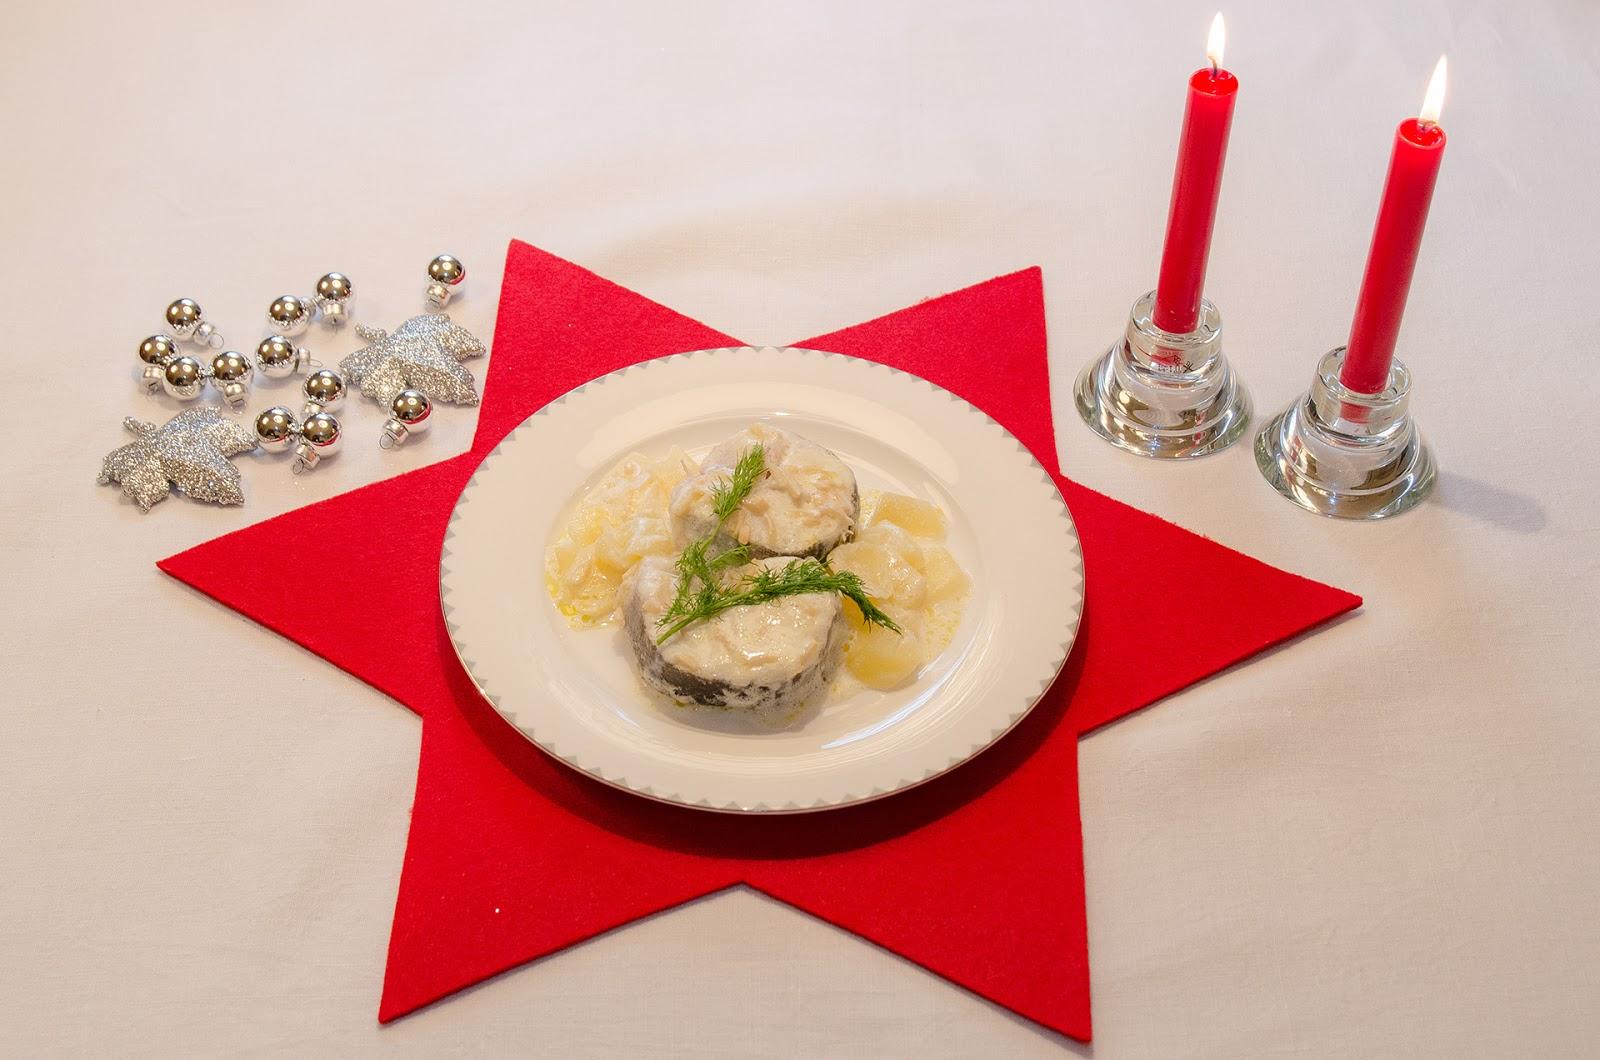 recetas-cocina-pescado-horno-merluza-nata-montada-patatas-facil-sana-saludable-sabrosa-bruja